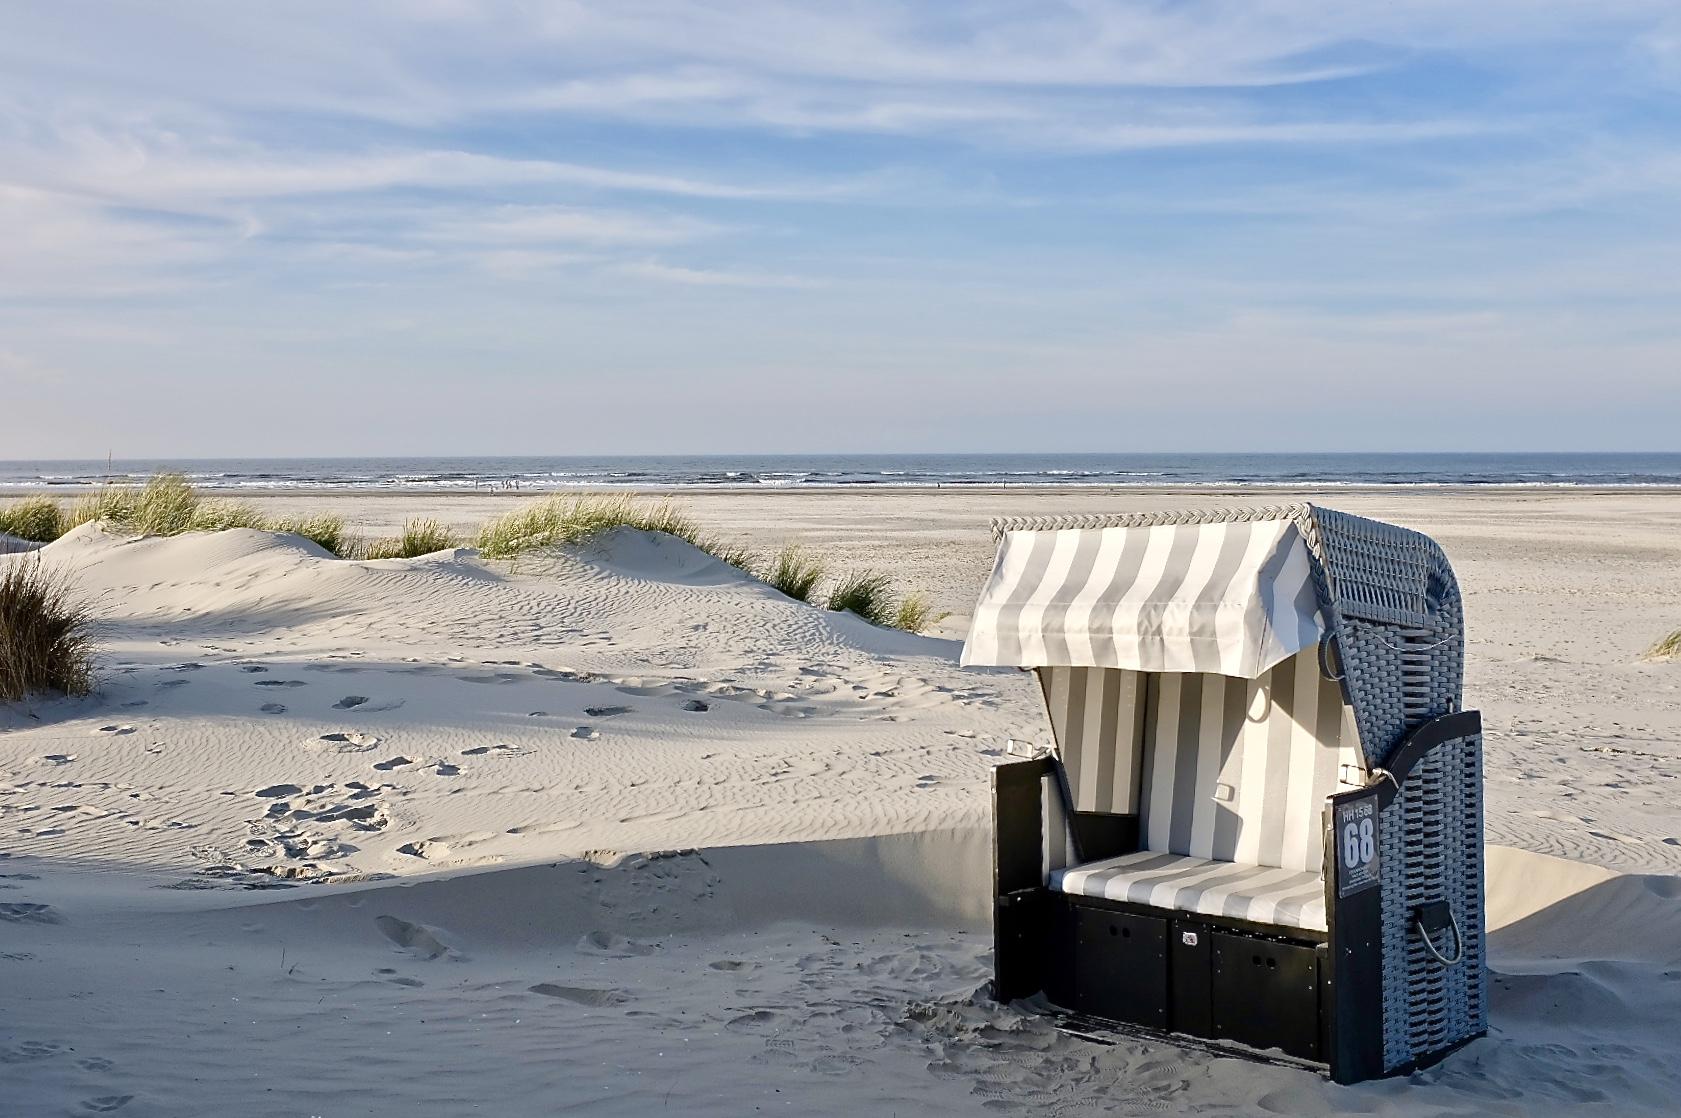 Strandkorb Juist Nordsee